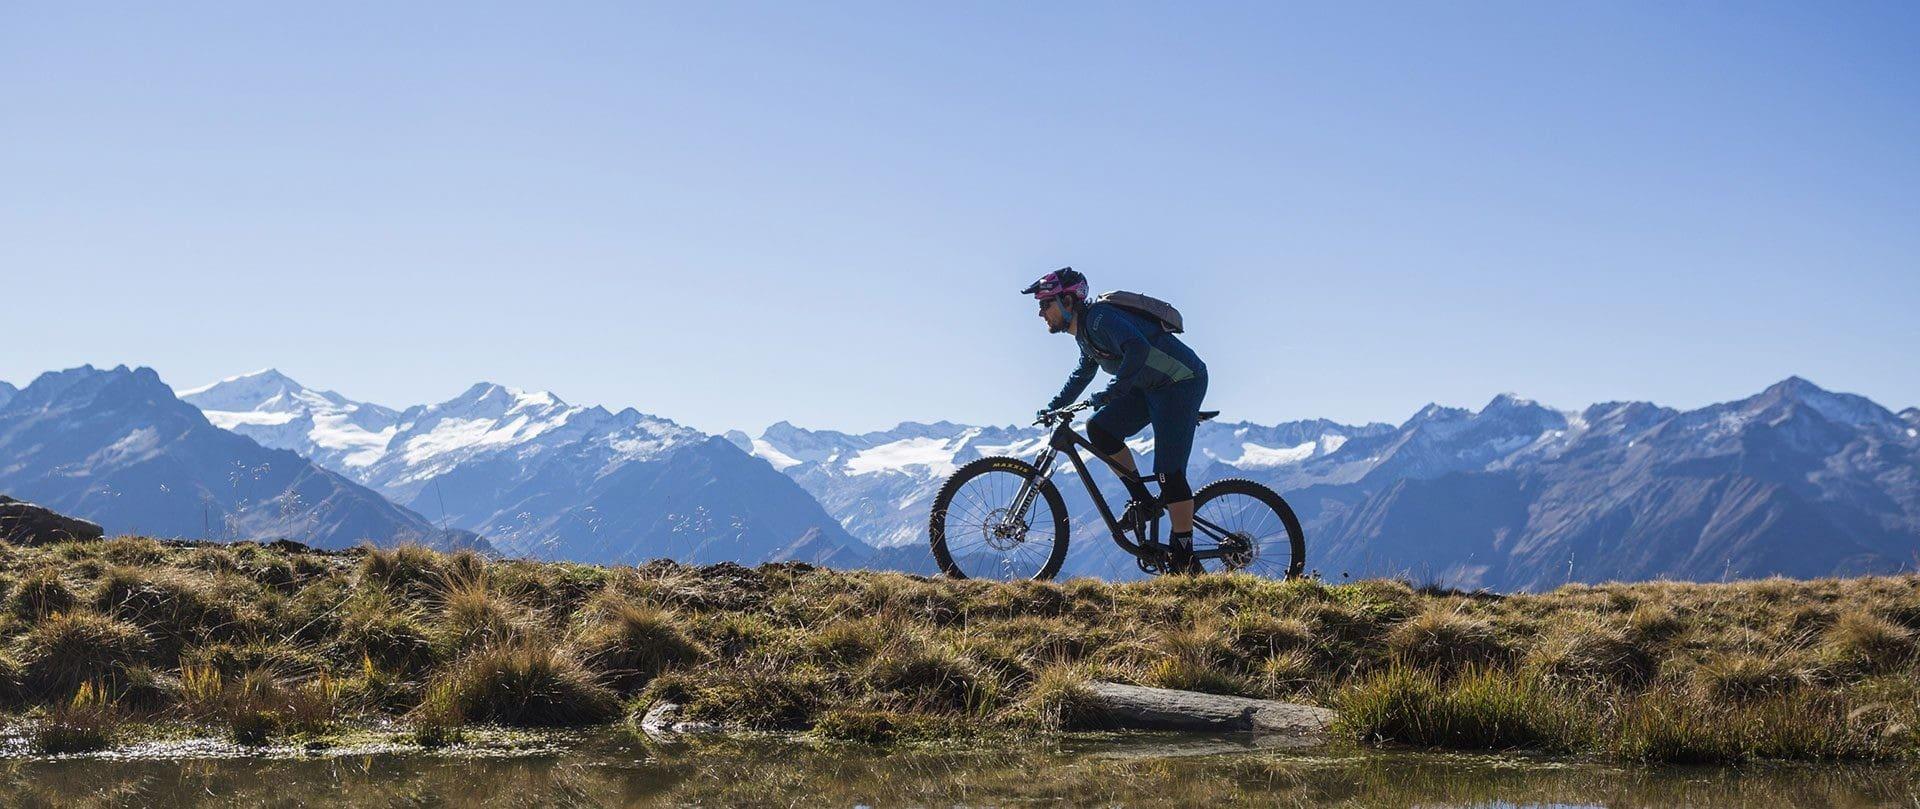 Mountainbiken in Salzburg, Urlaubsregion Wildkogel